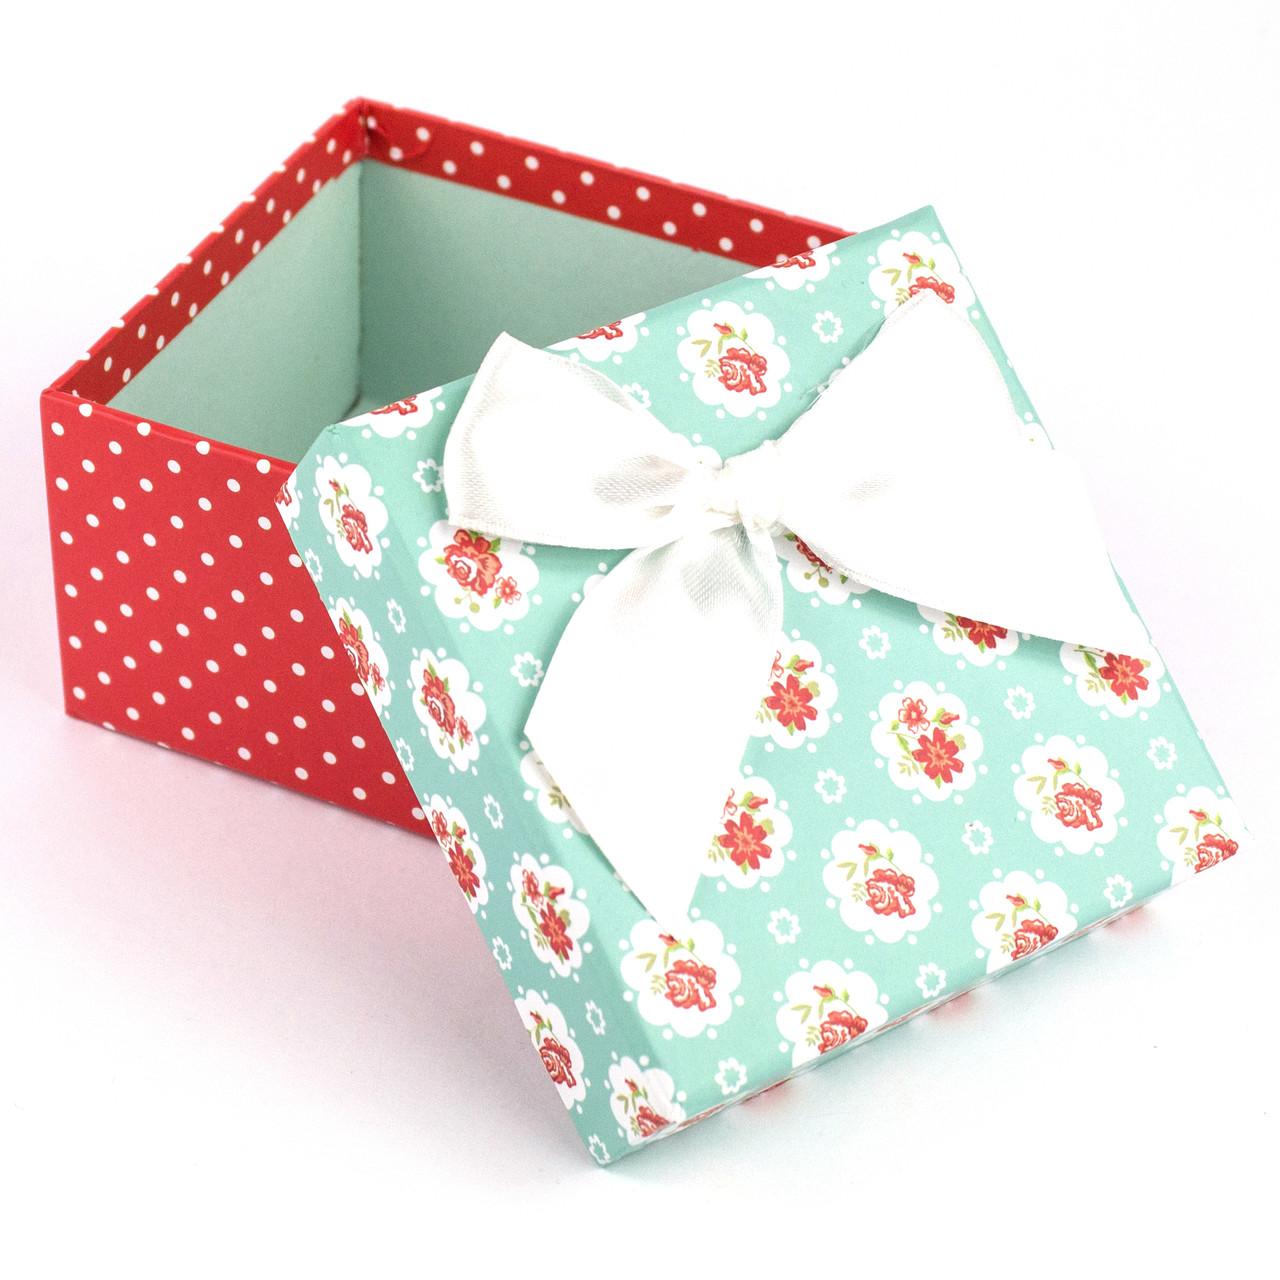 Подарочная коробочка мятная с цветочками 9.5 x 9.5 x 5.8 см